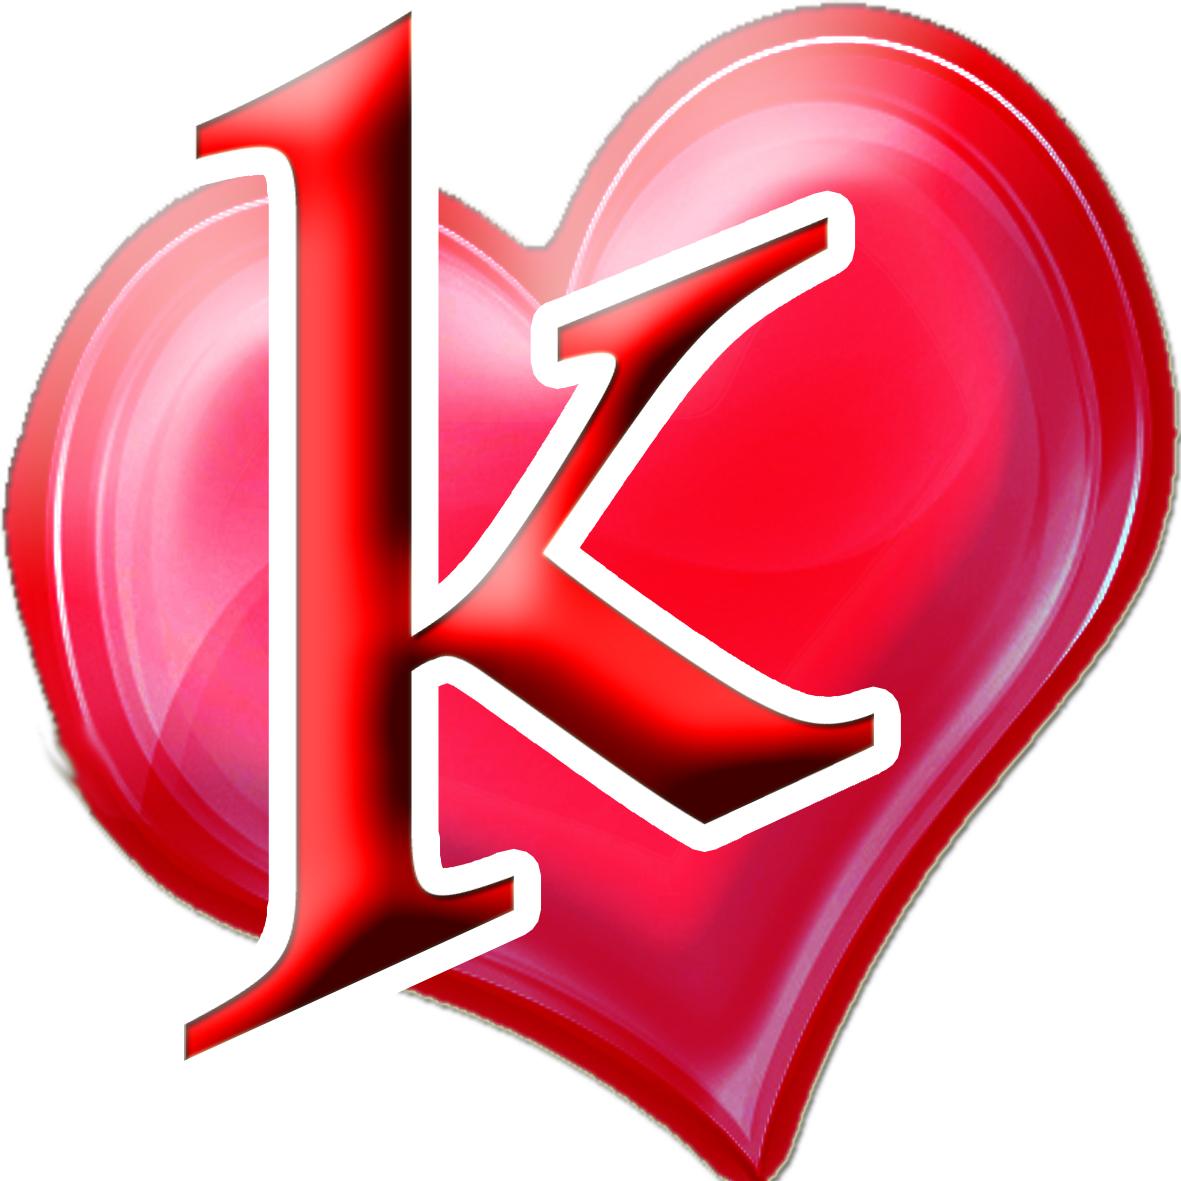 بالصور صور حرف k , صور جميلة لحرف k 88 6